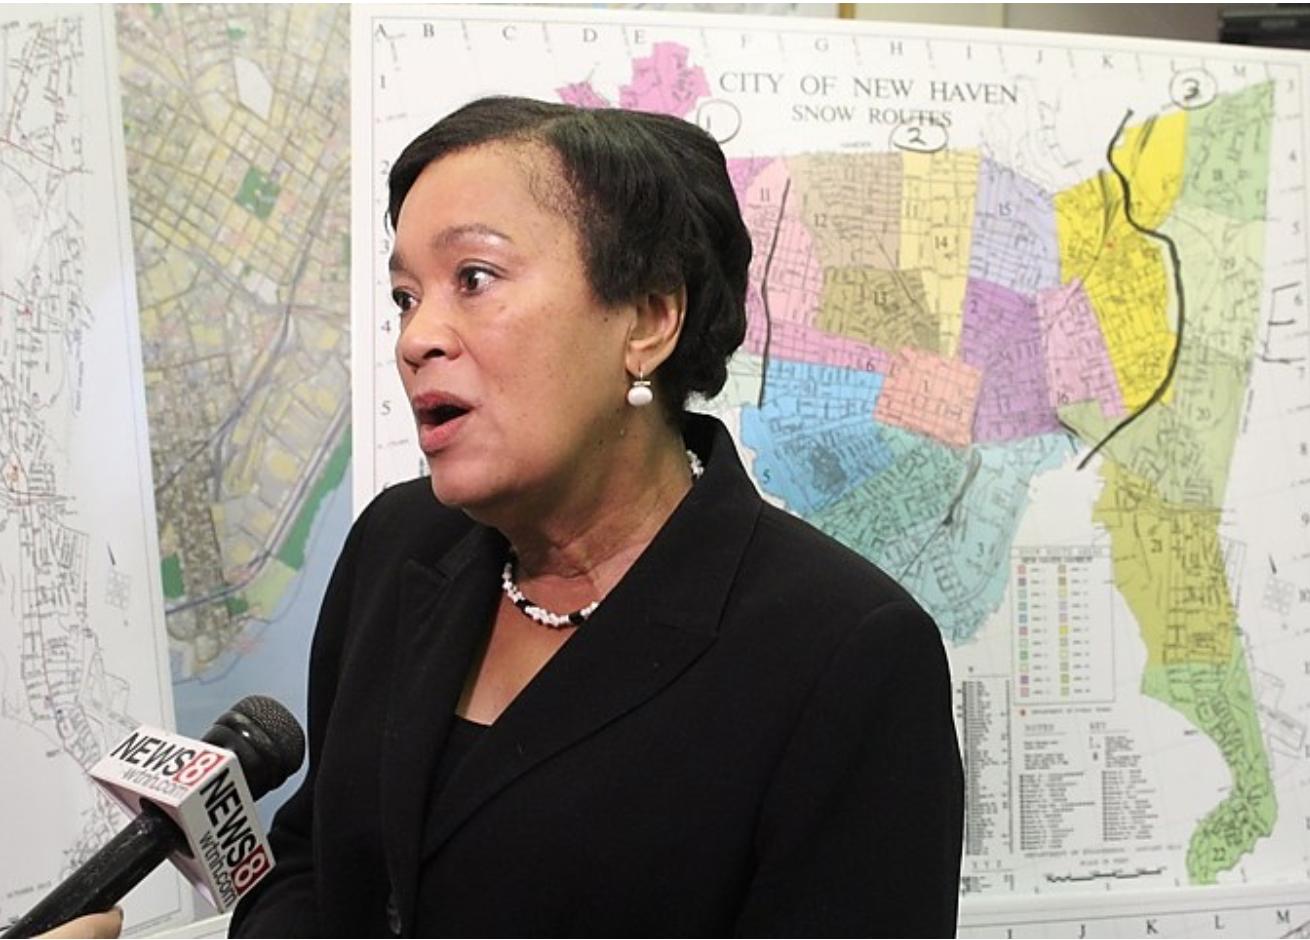 New Haven Mayor Toni Harp displeases Trump